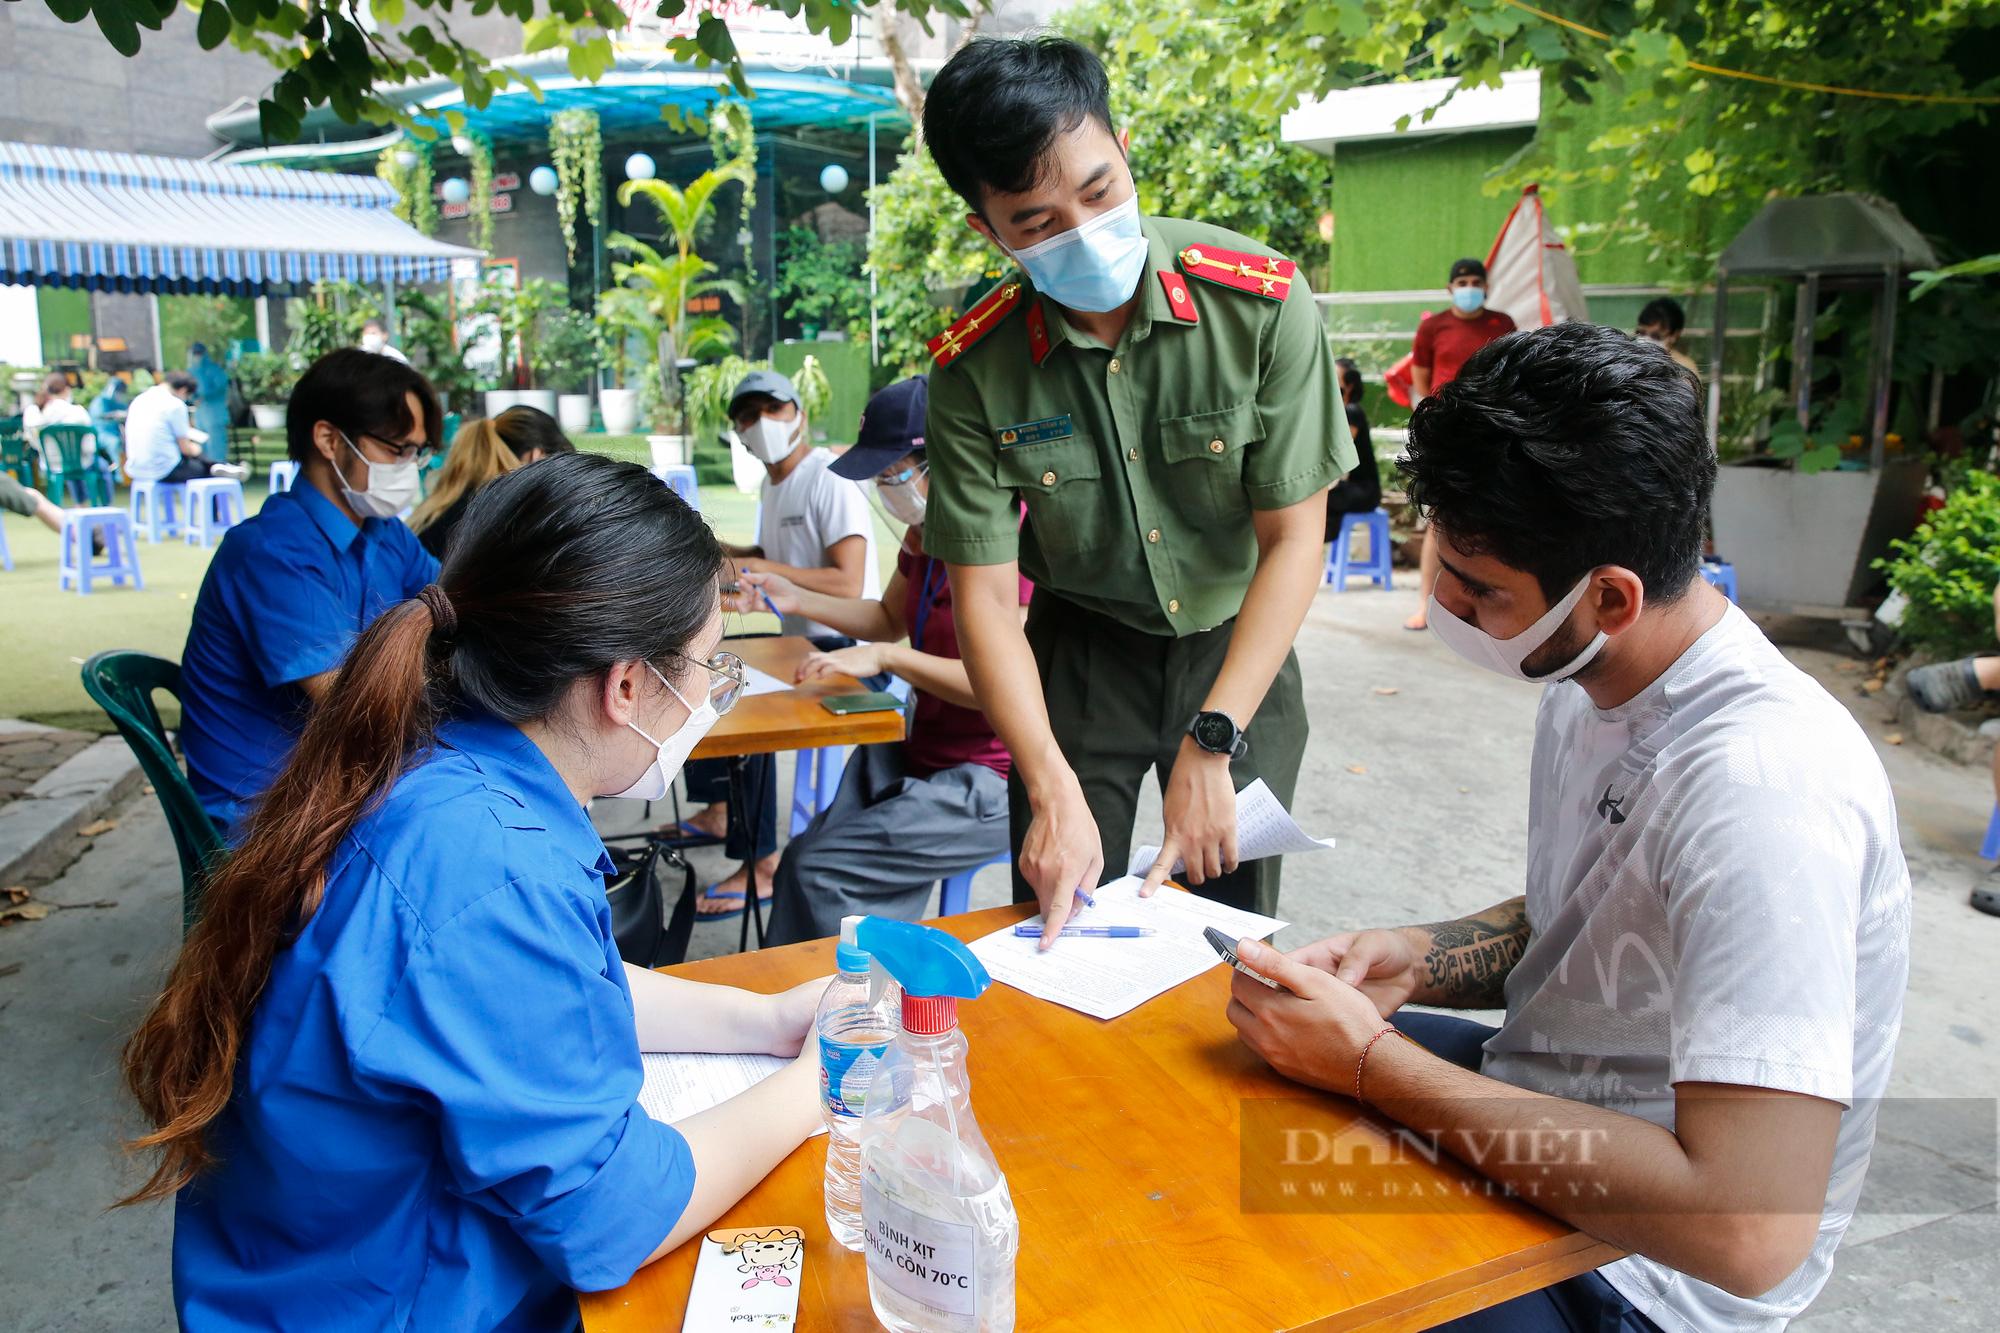 Tiêm vaccine Covid-19 cho hàng trăm người nước ngoài mỗi ngày tại Hà Nội - Ảnh 2.